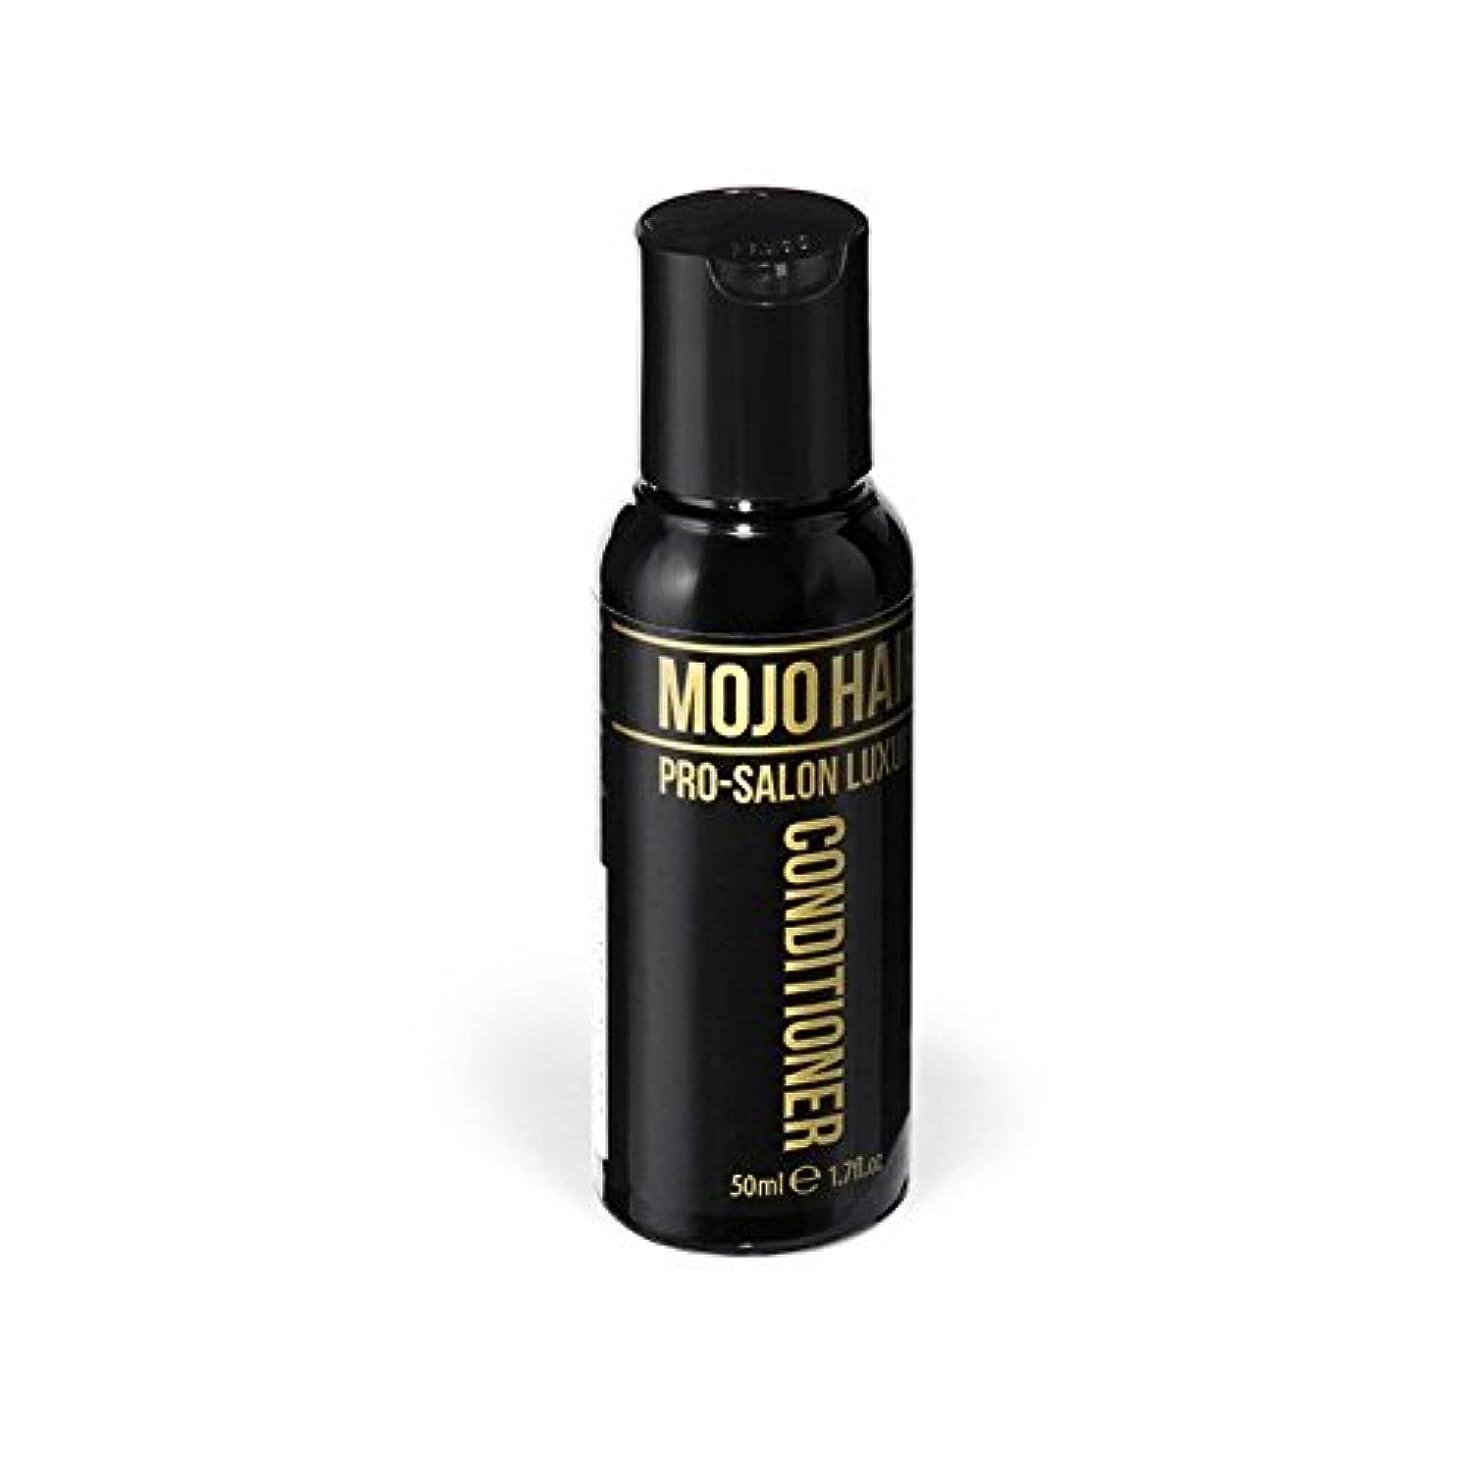 あいさつ私たちの歌うモジョの毛プロのサロンの贅沢なコンディショナー(50ミリリットル) x2 - Mojo Hair Pro-Salon Luxury Conditioner (50ml) (Pack of 2) [並行輸入品]